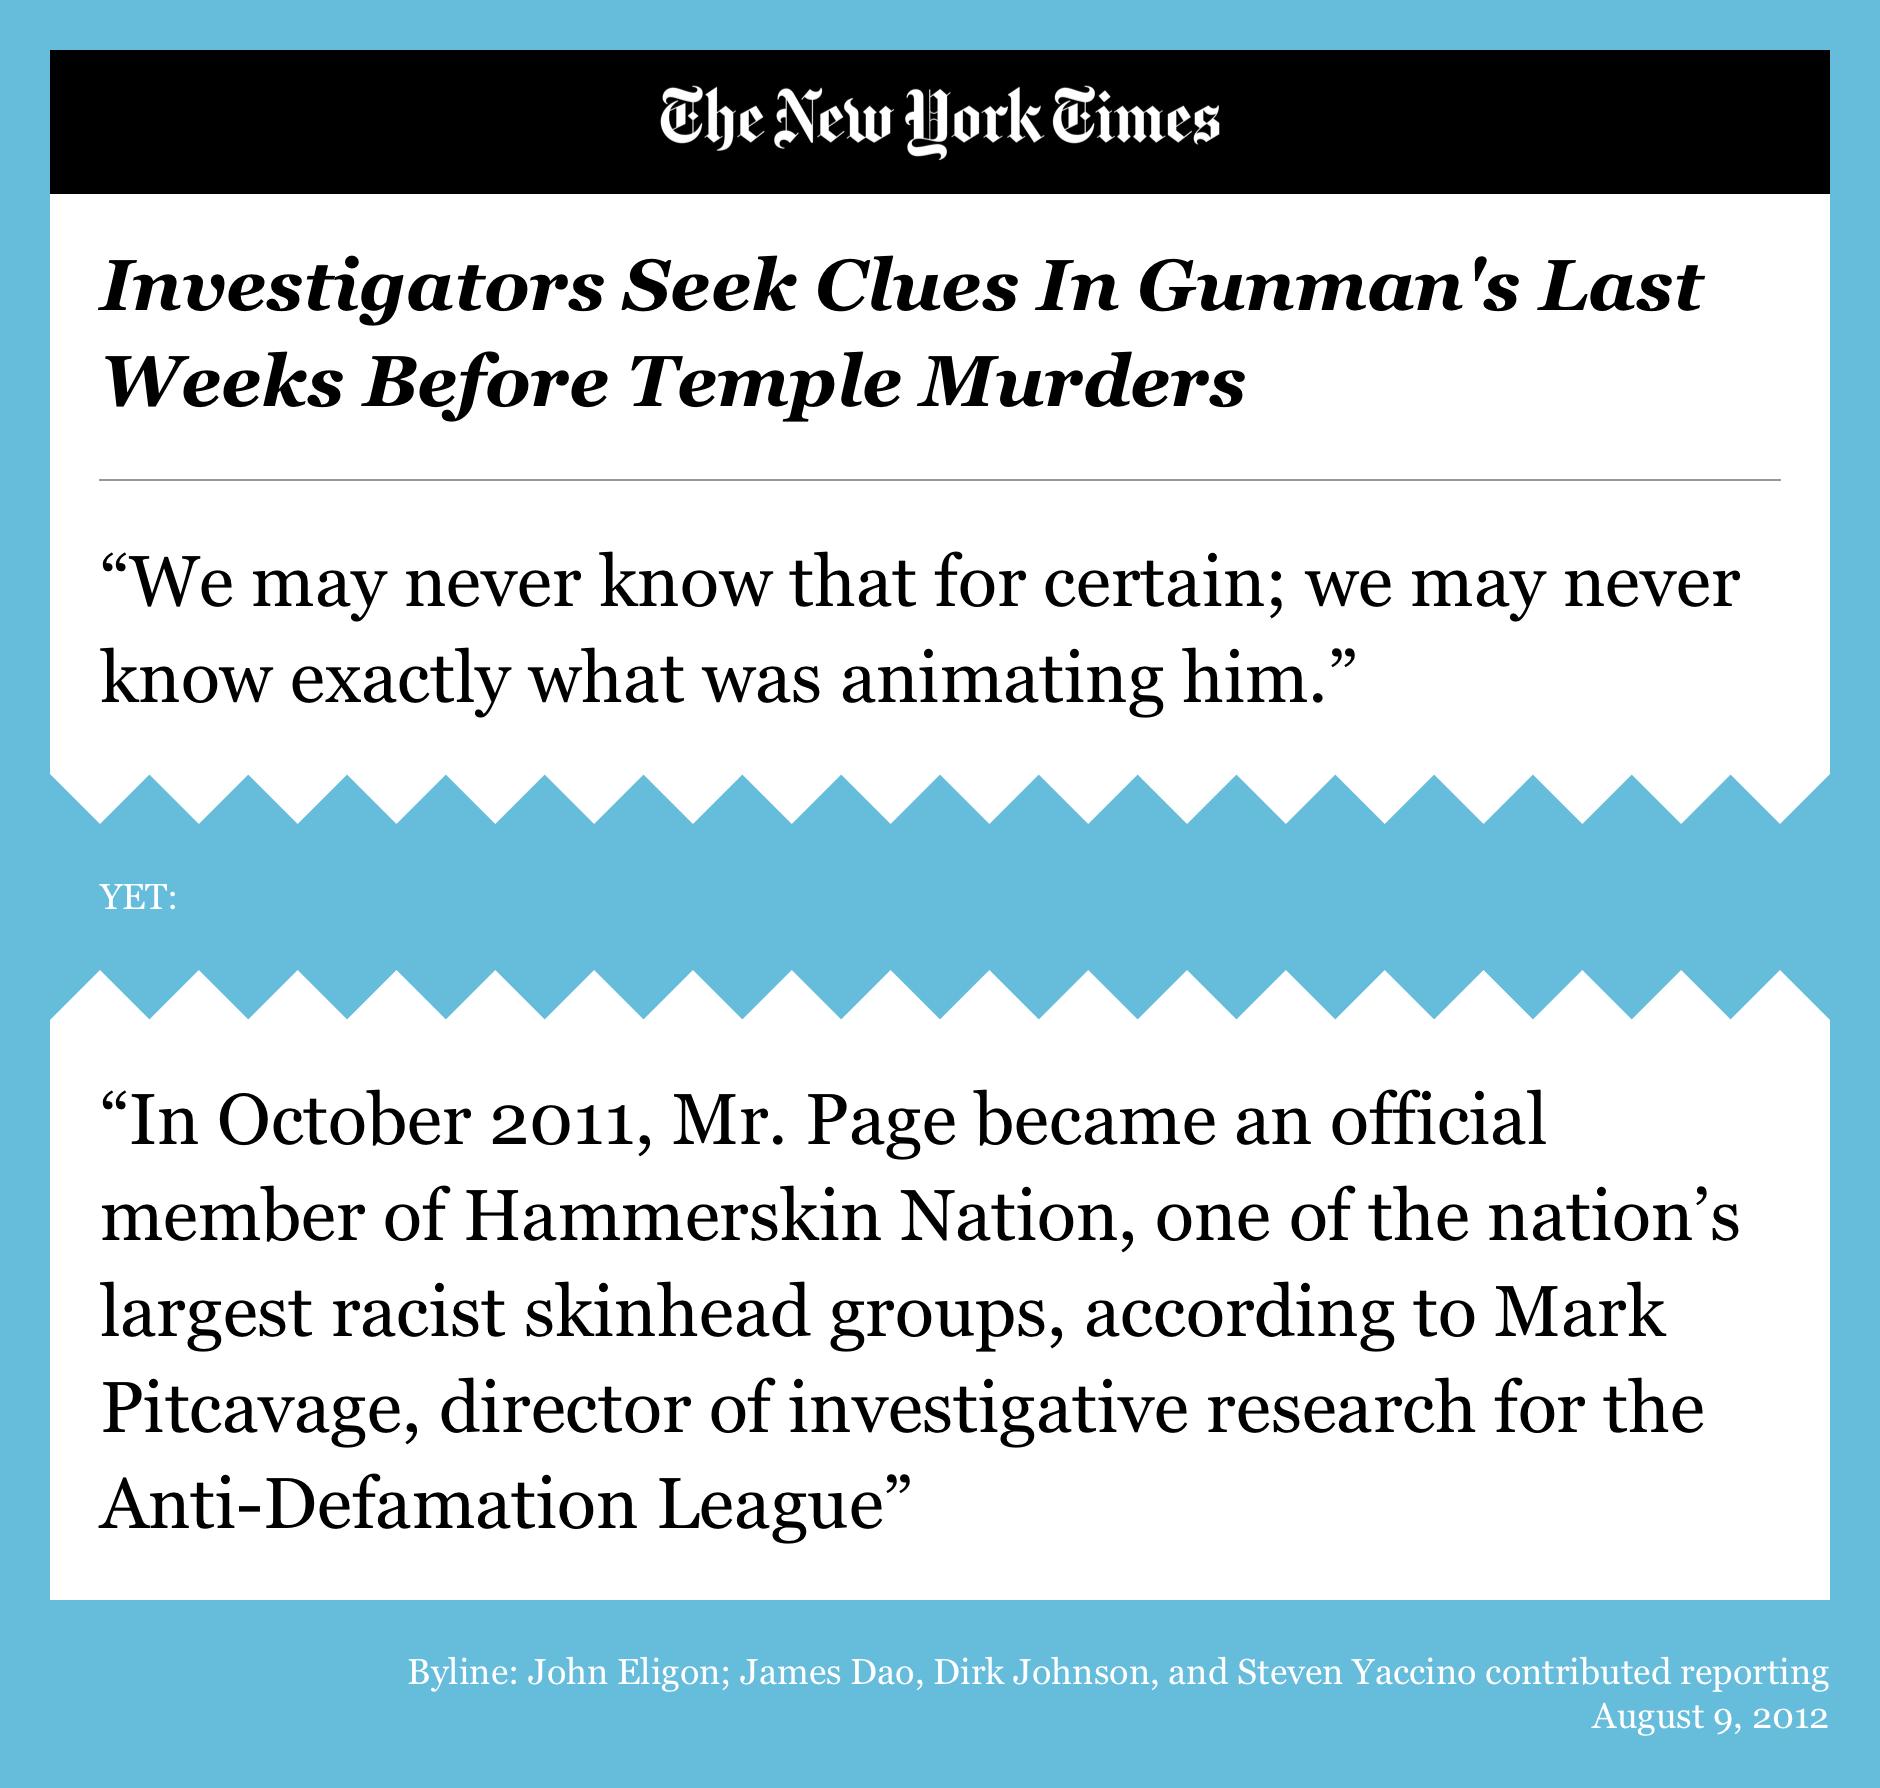 Investigators Seek Clues In Gunman's Last Weeks Before Temple Murders.png